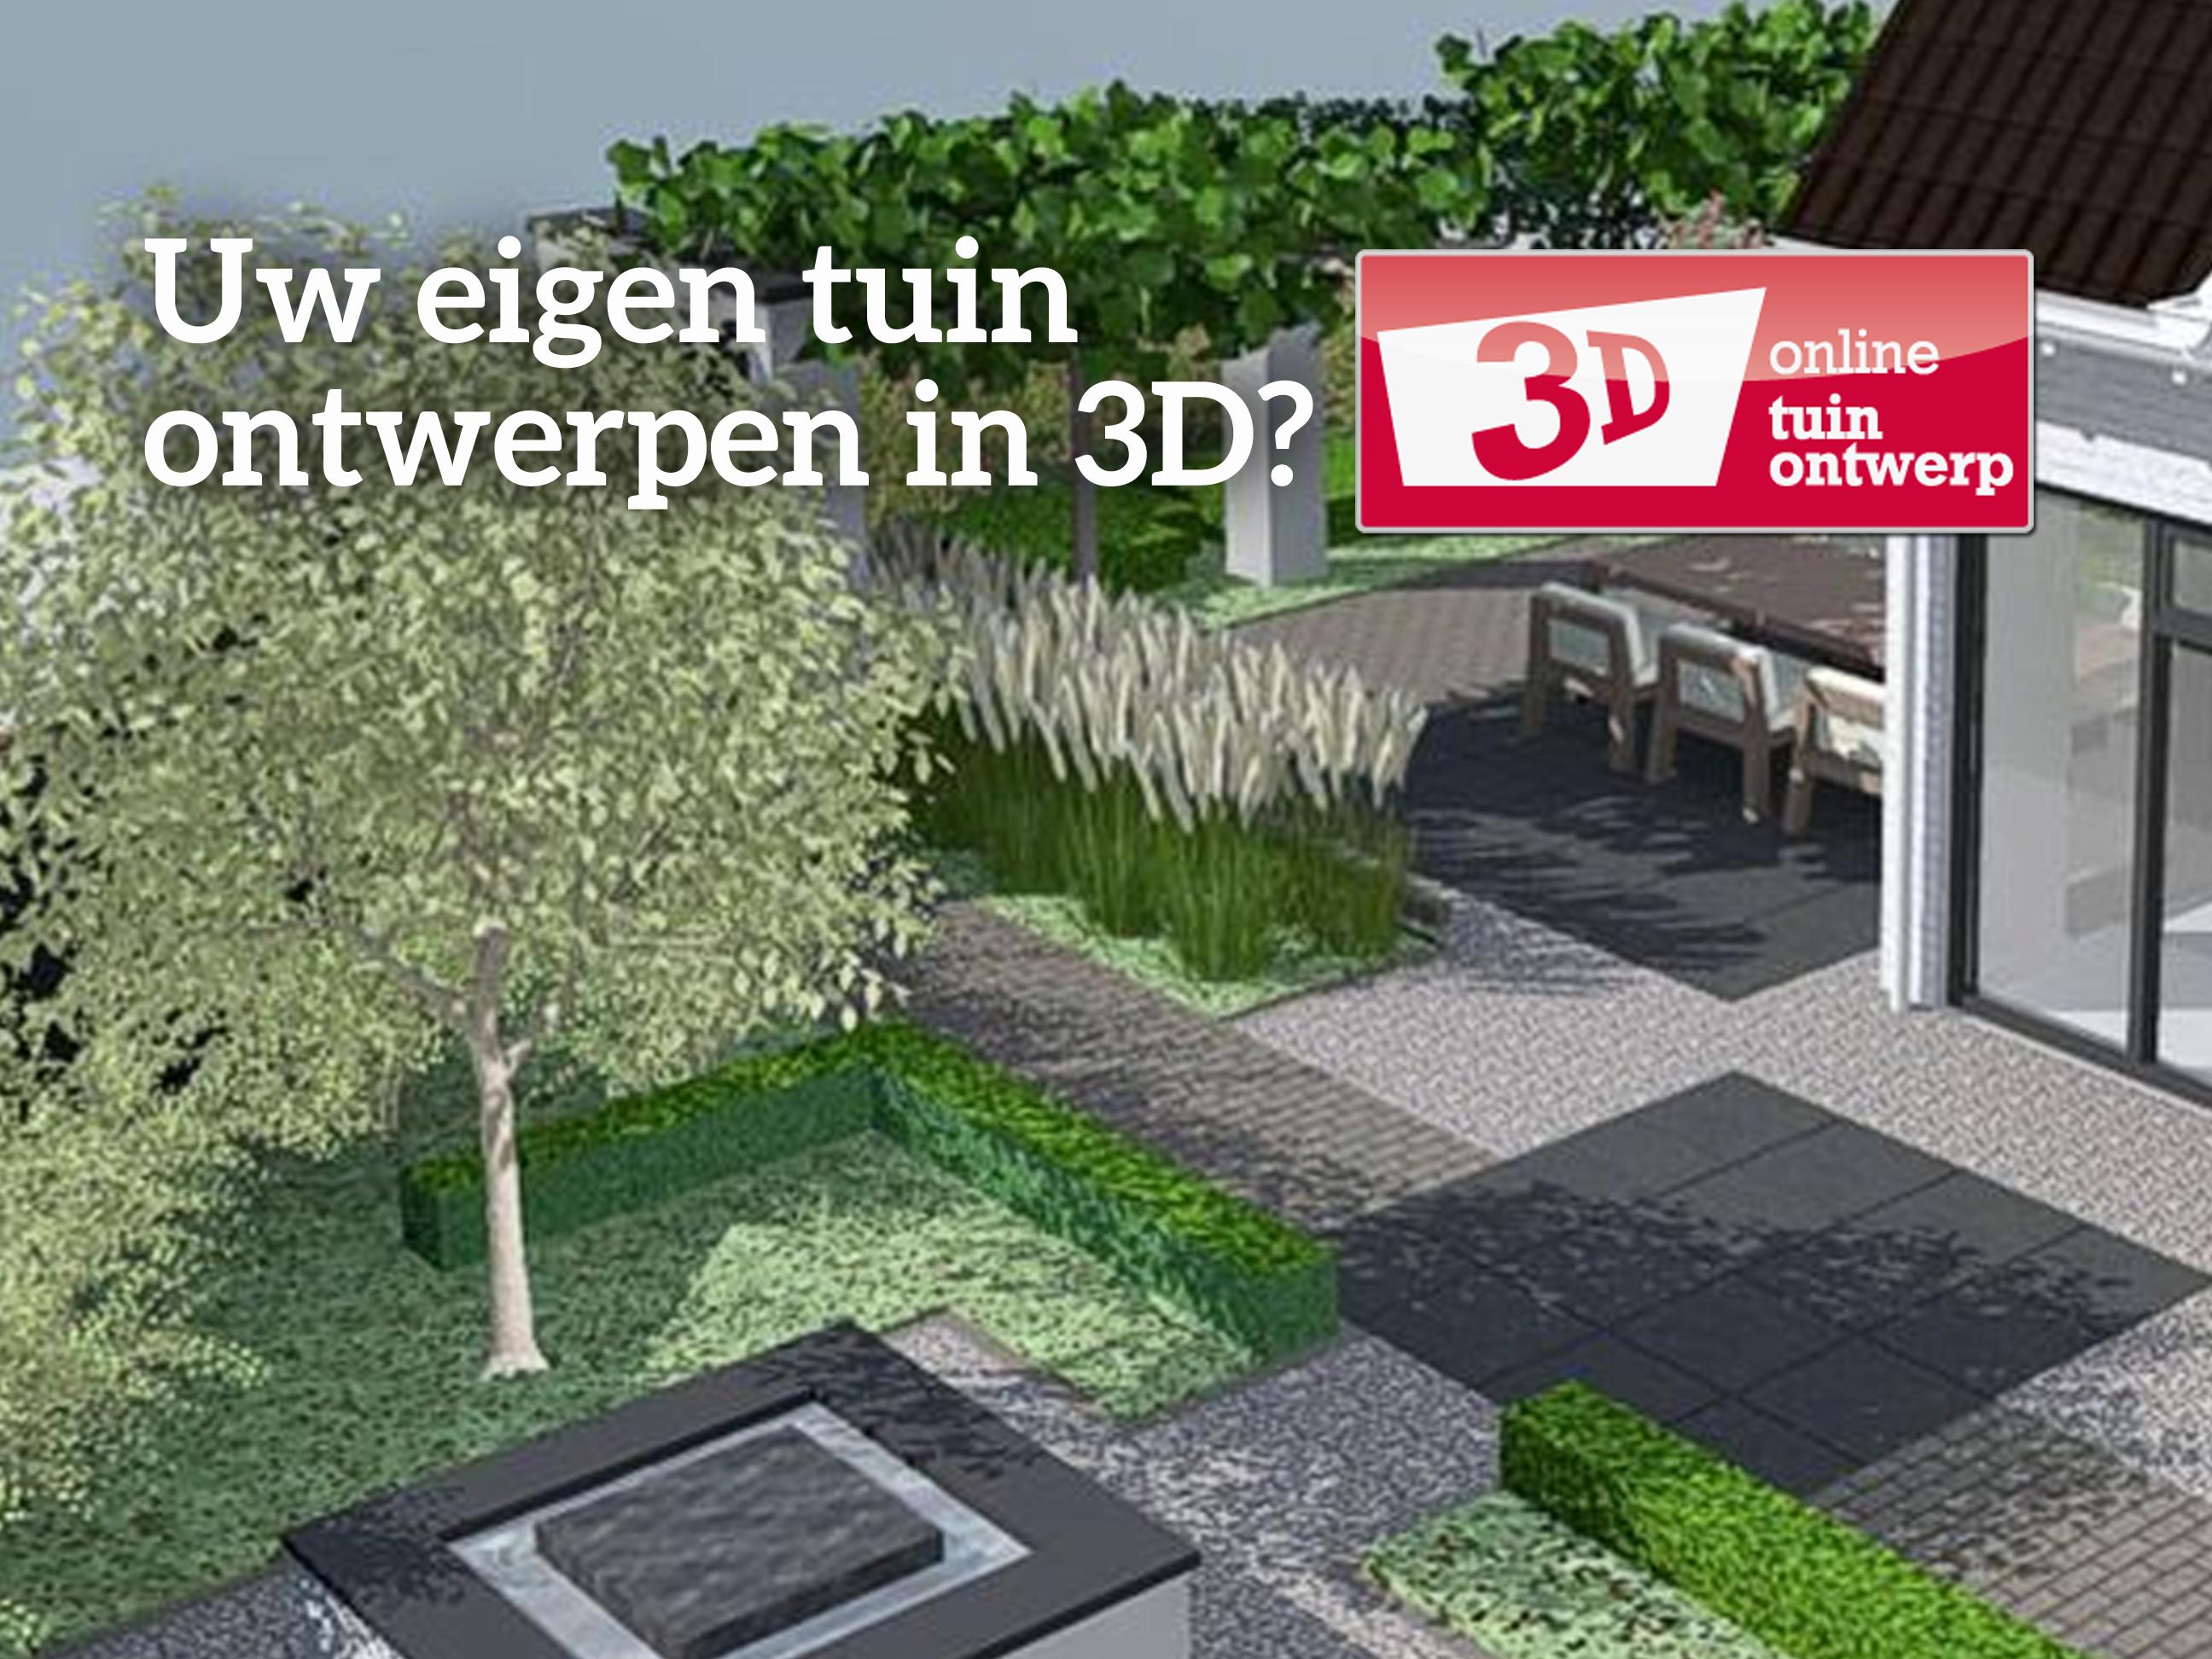 Tuin ontwerpen 3d potplanten buiten schaduw for Programma tuin ontwerpen 3d